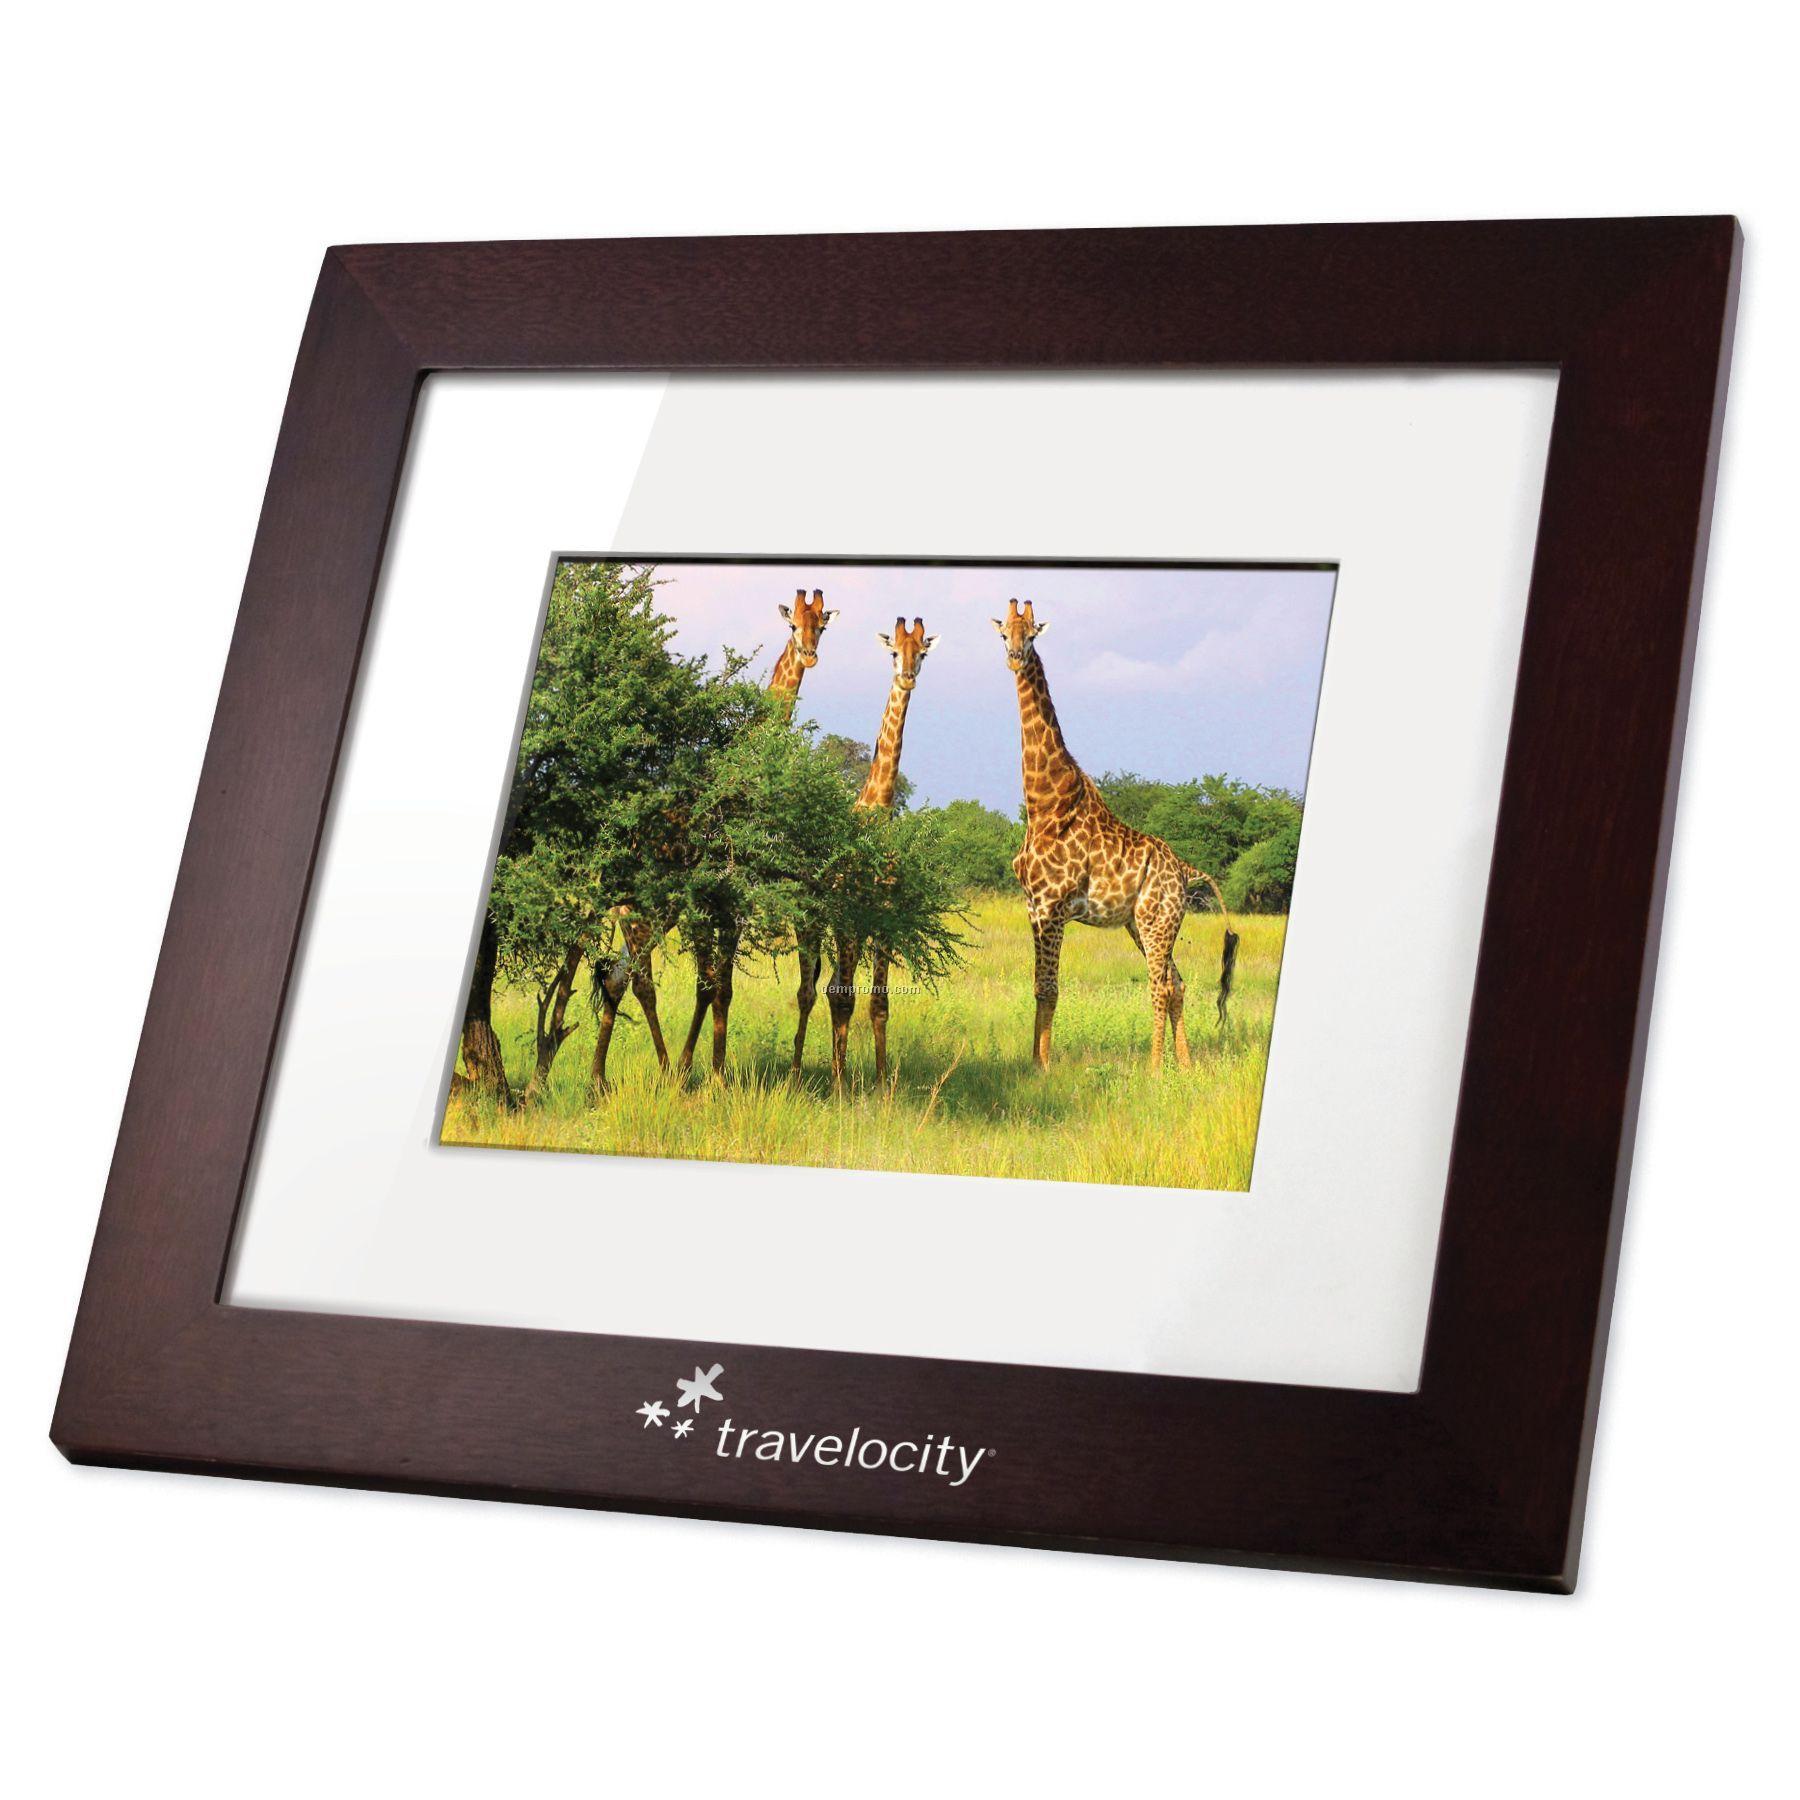 Photostar Digital Frames By Pandigital - 9 Inch